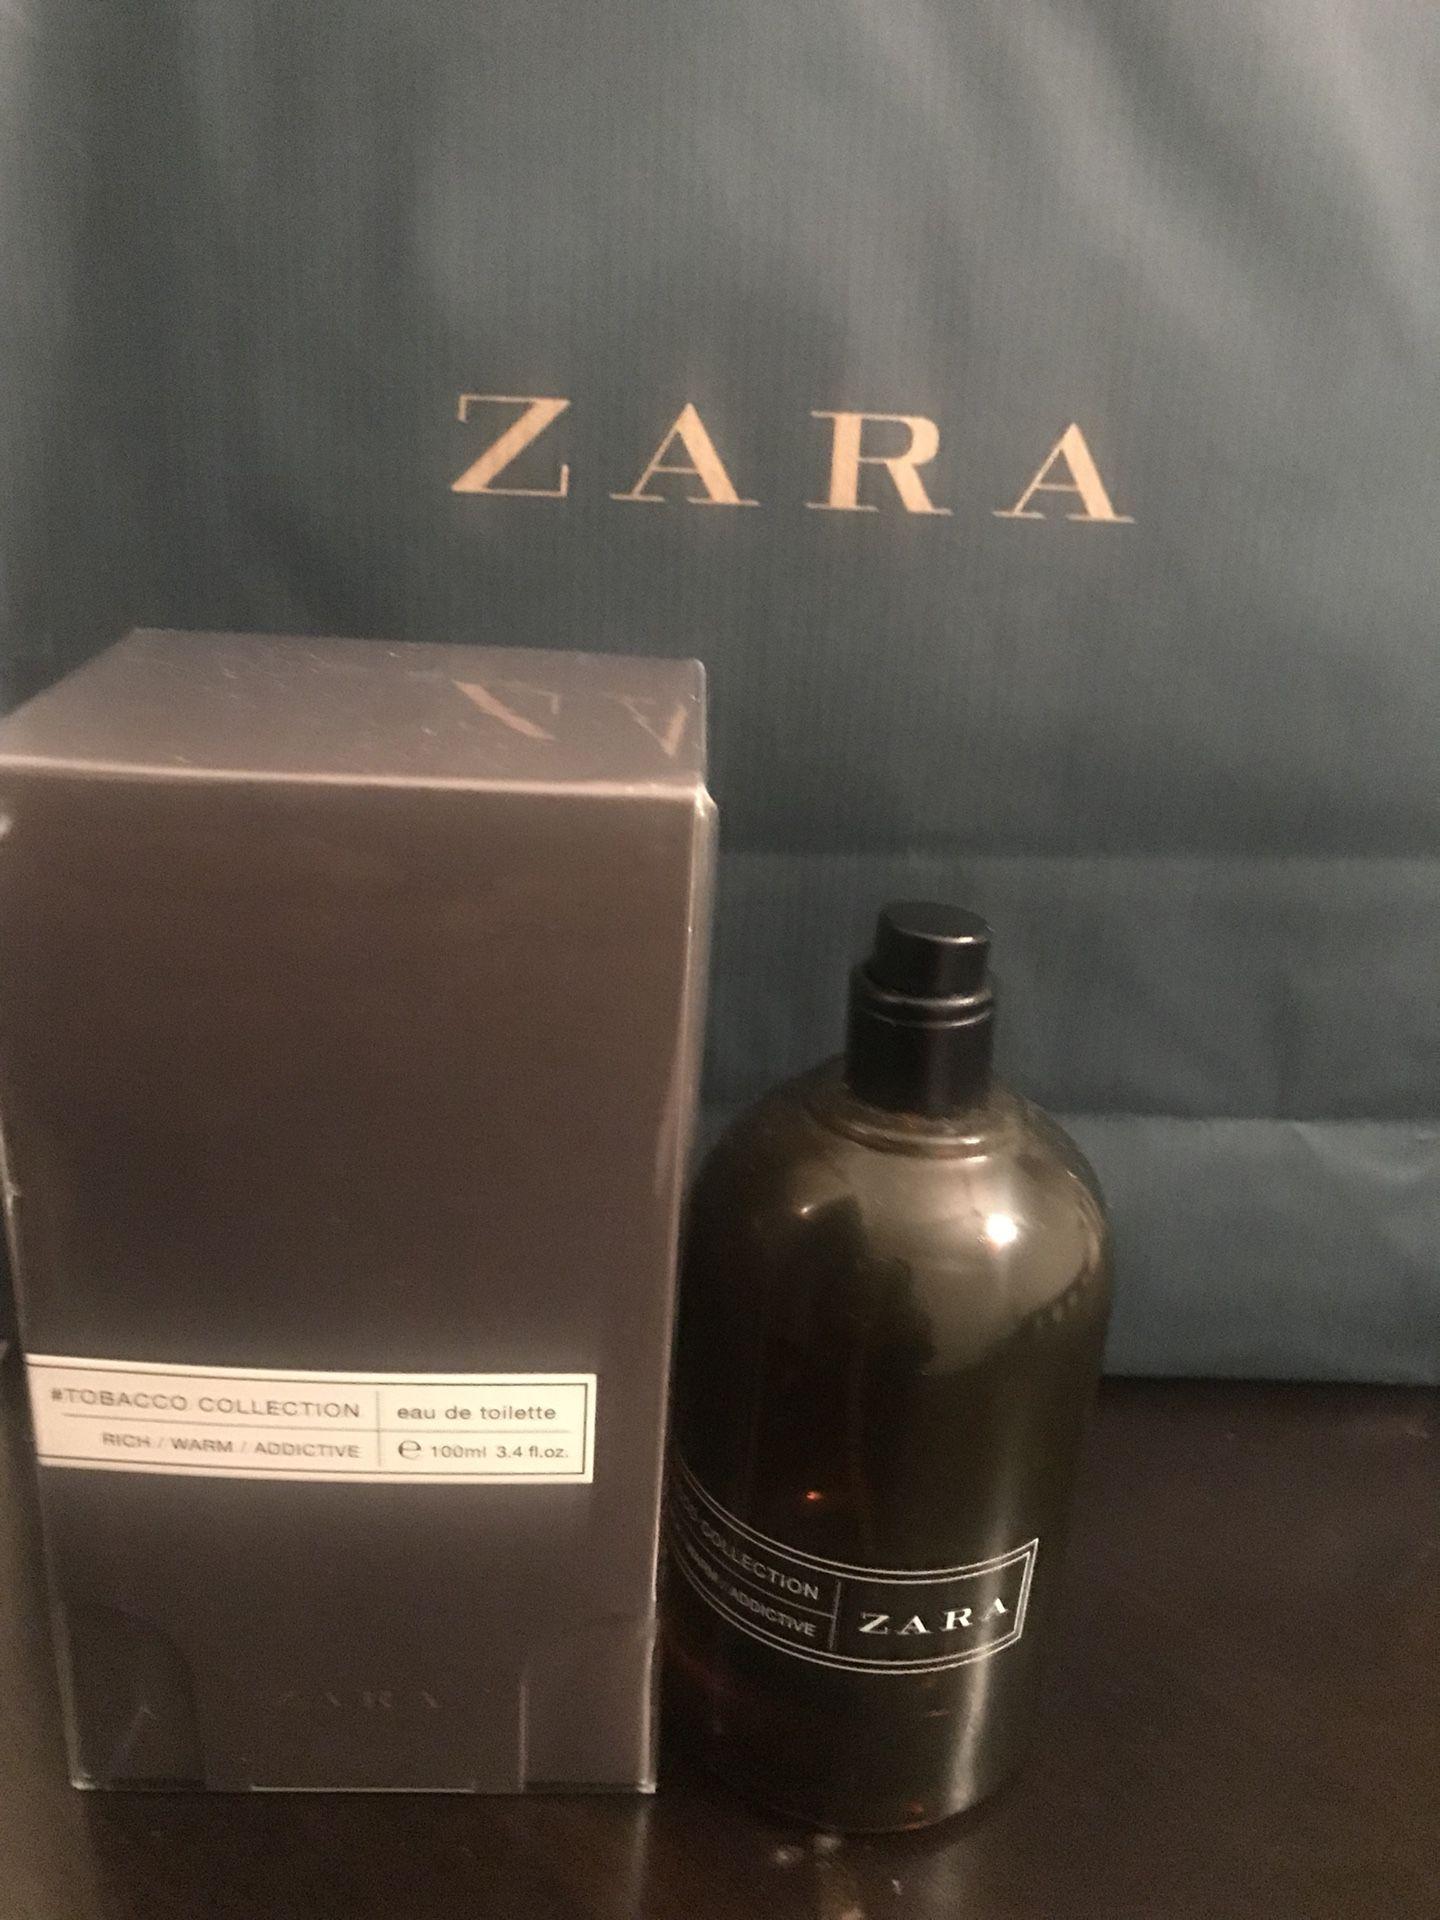 New Zara Cologne Rare Tobacco Collection Rich/Warm/Addictive